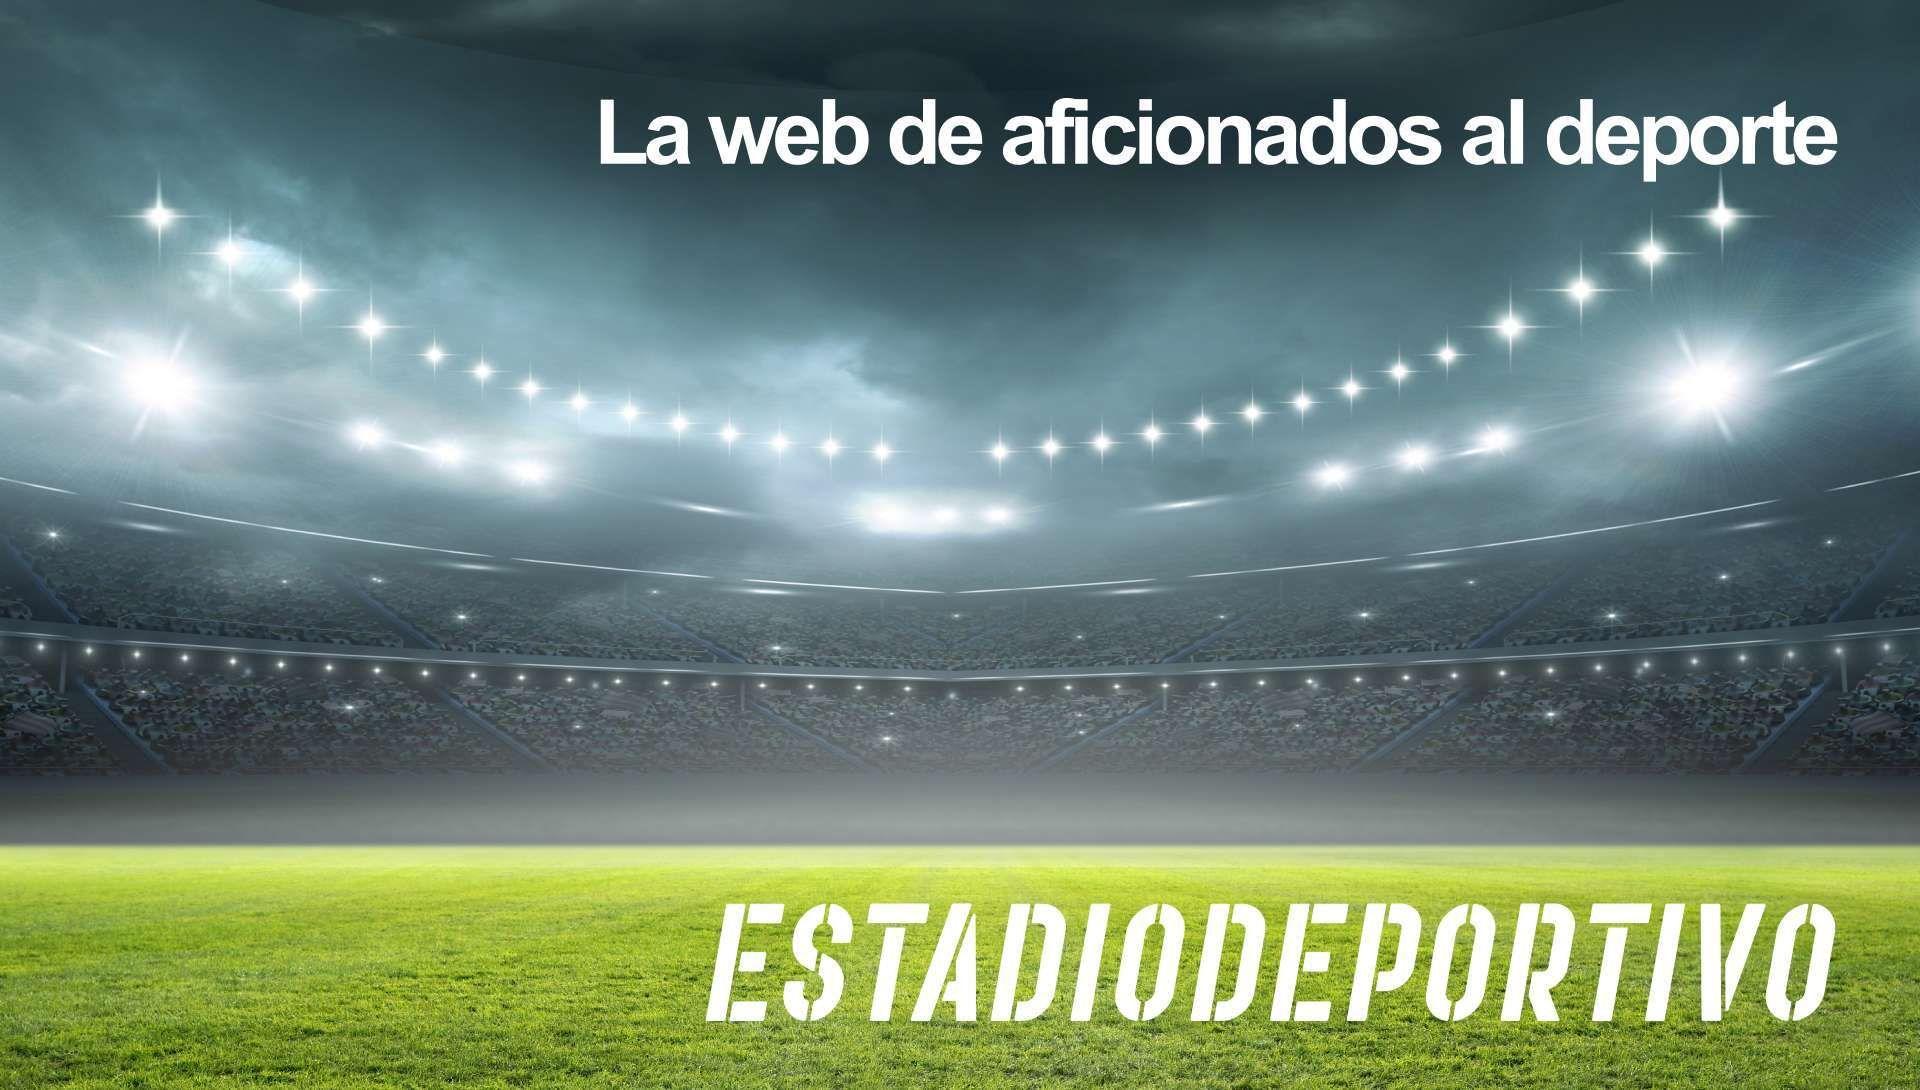 Las portadas deportivas del martes 20 de julio